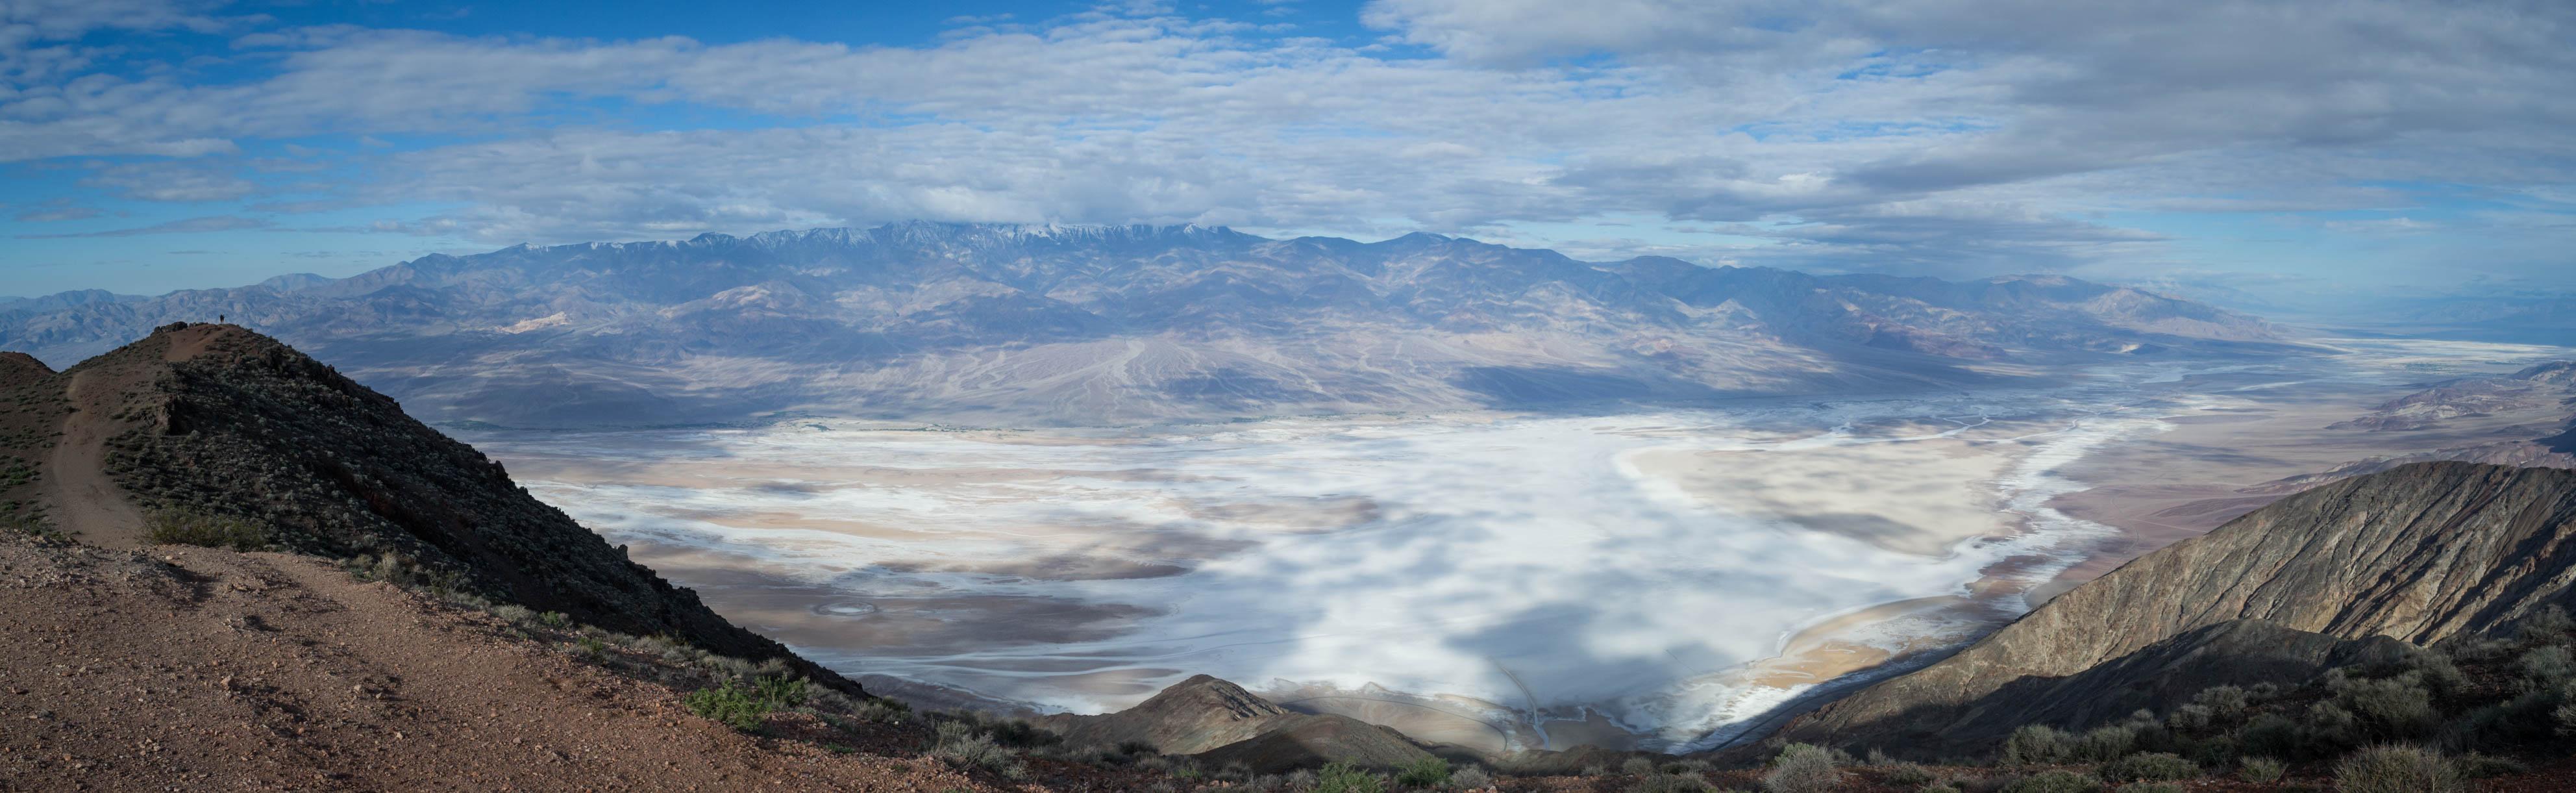 Dantes View avec un point de vue sublime sur le désert de sel, 1755m plus bas